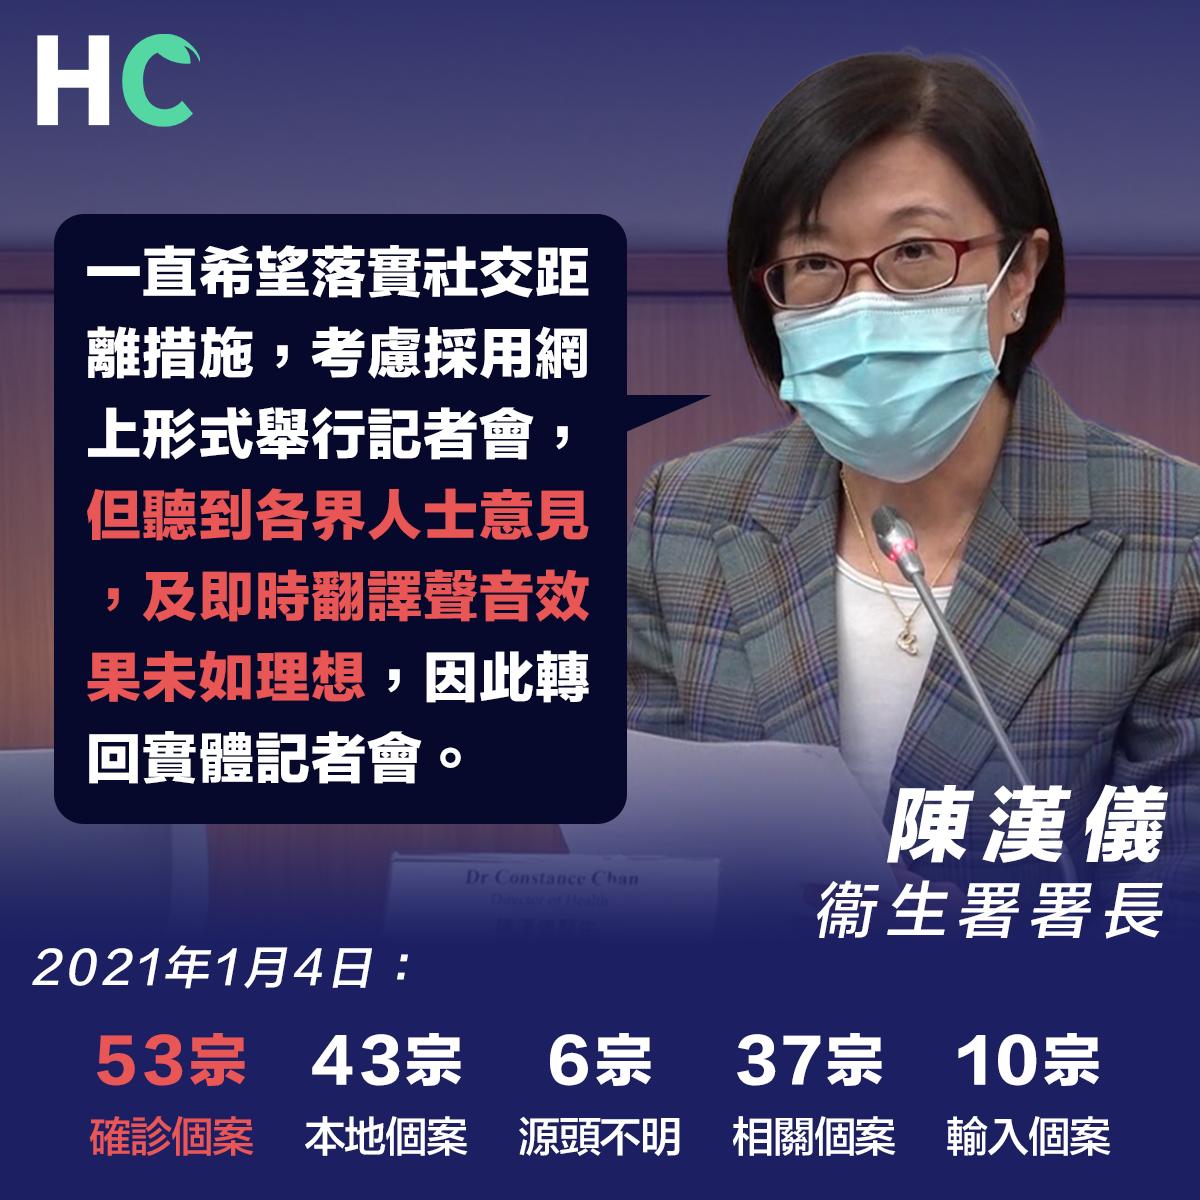 陳漢儀:聽到社會各界人士意見 轉回實體記者會